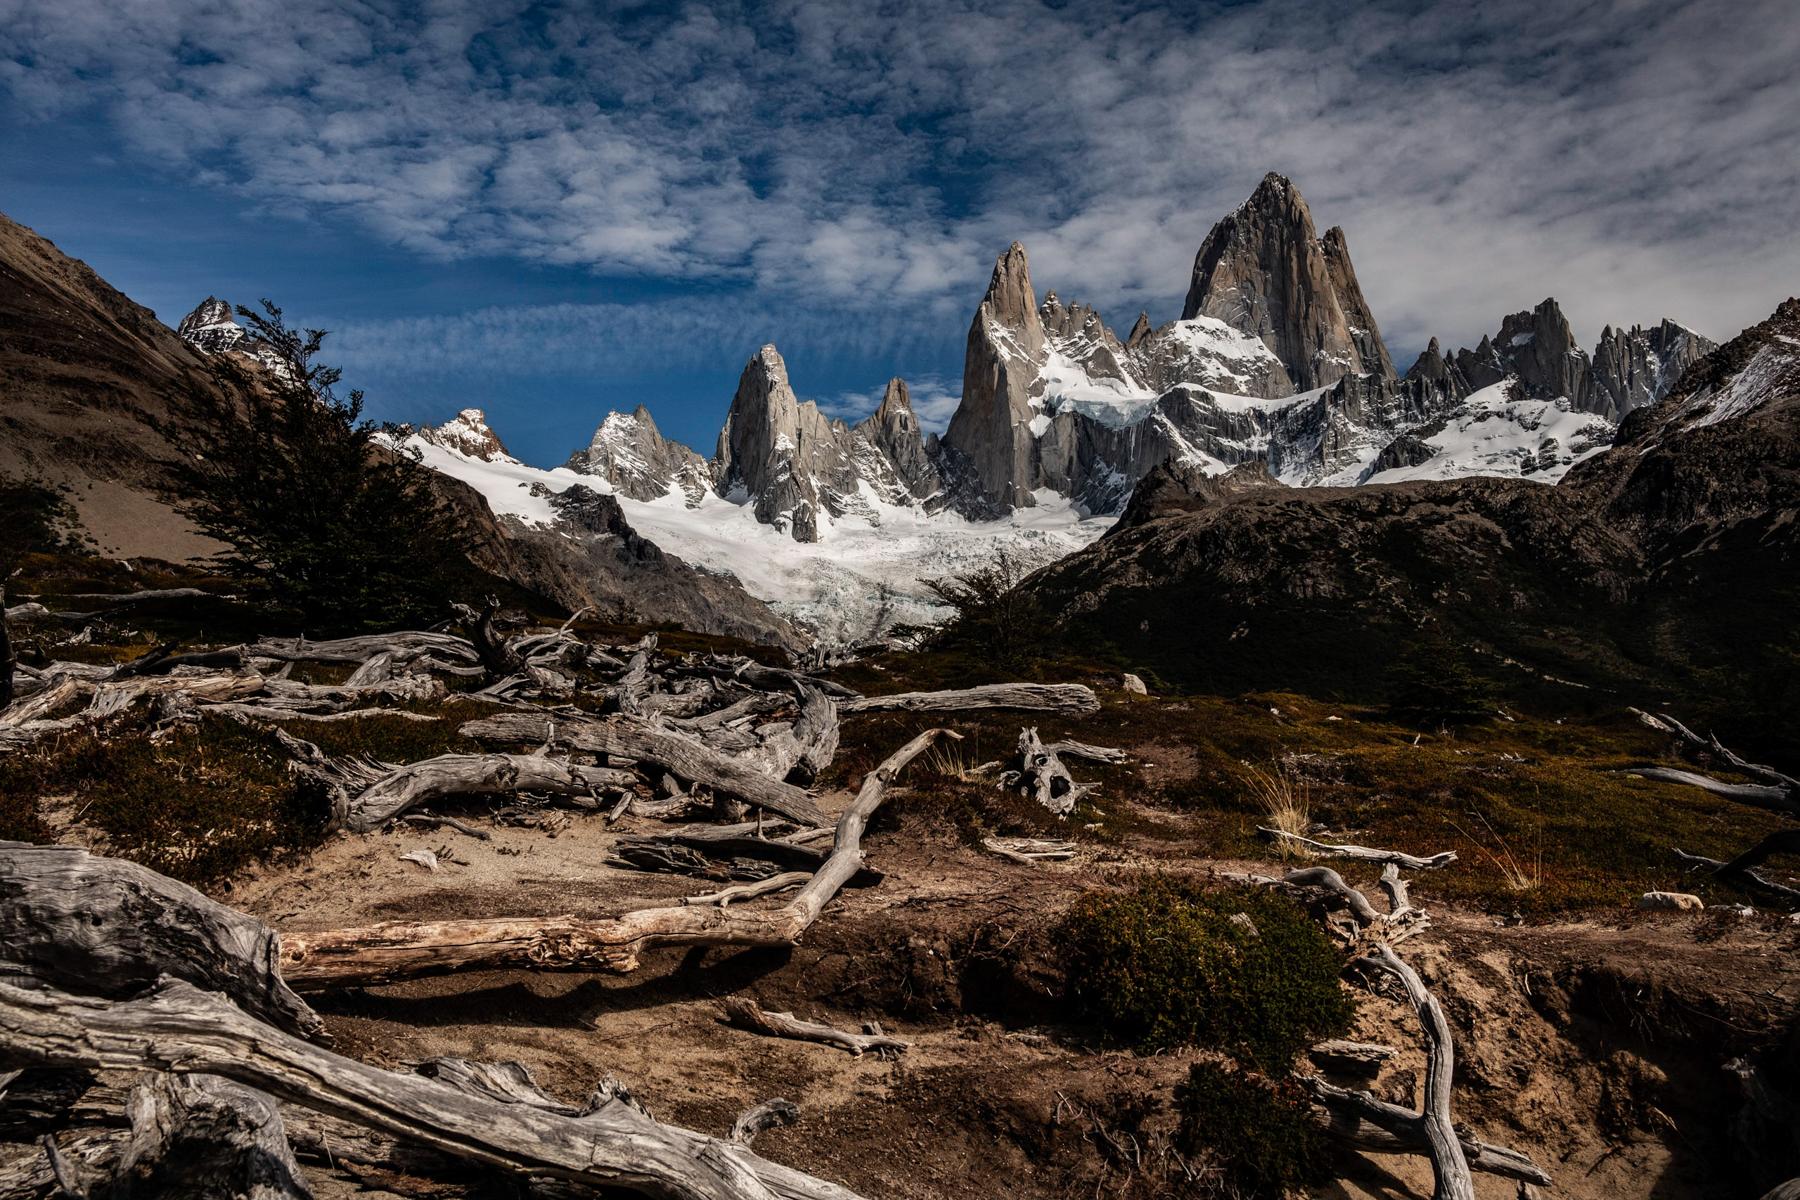 Viaggio fotografico in Patagonia. Routa 40 Fitz Roy El Chalten